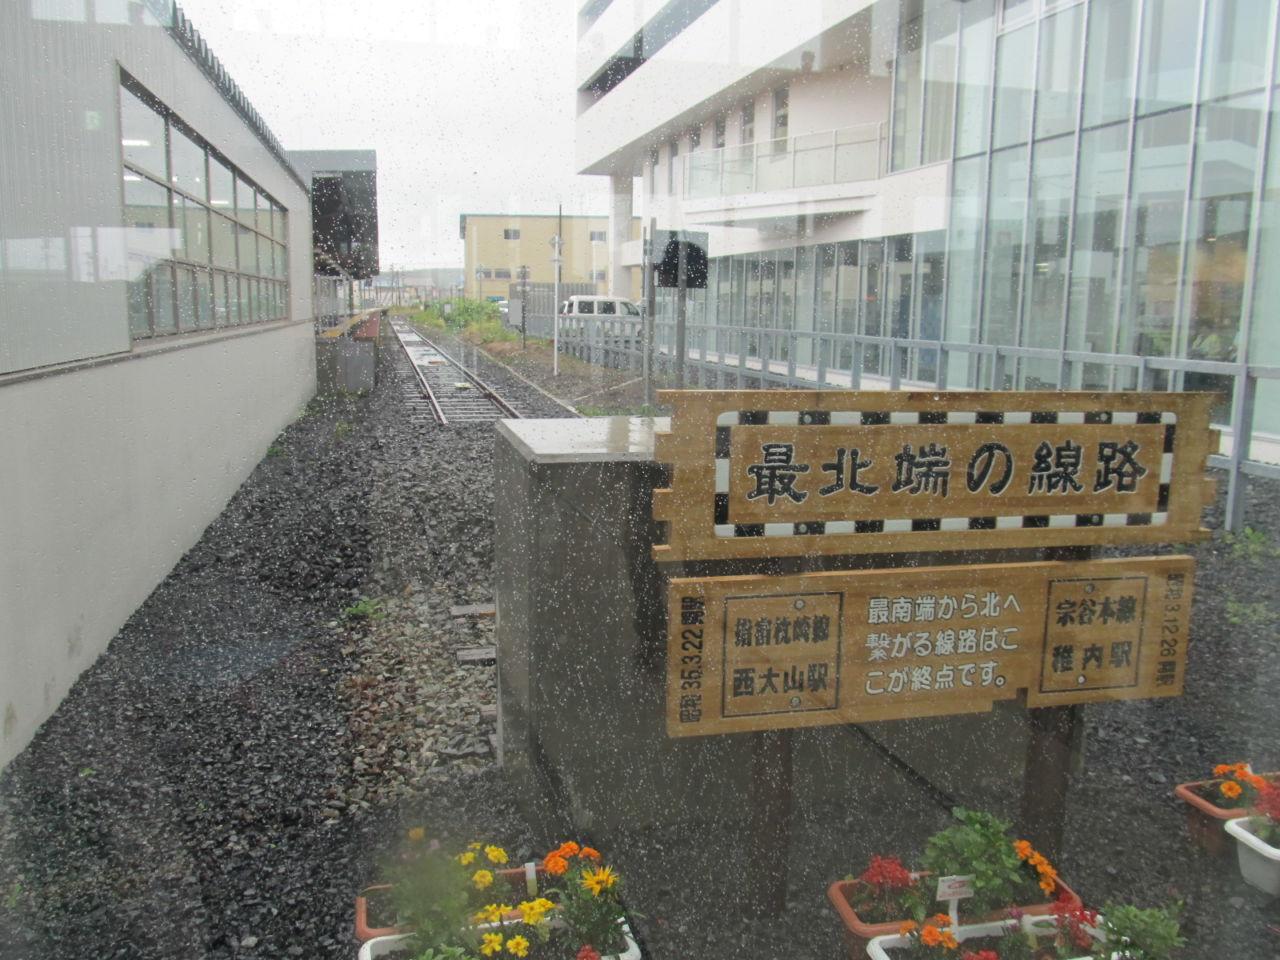 BD-1で行く北海道旅 4日目